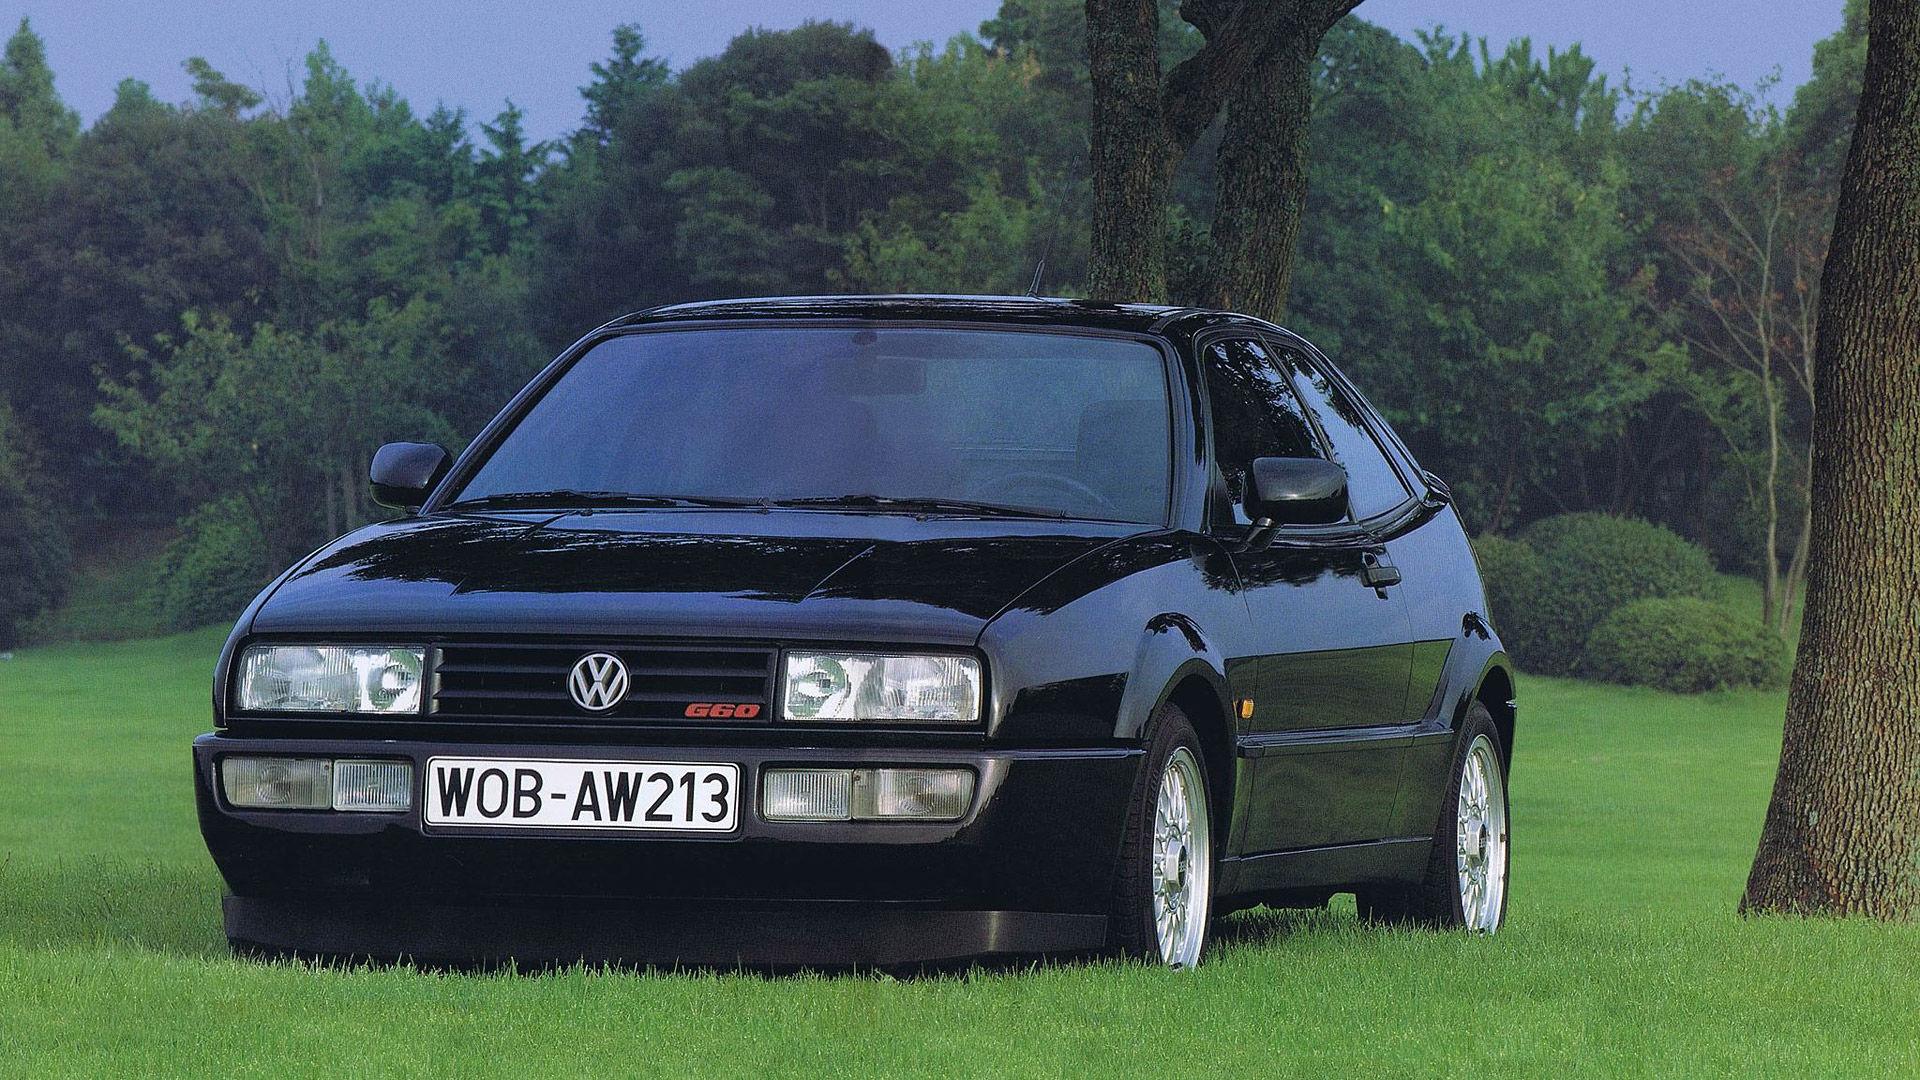 1988 Volkswagen Corrado G60